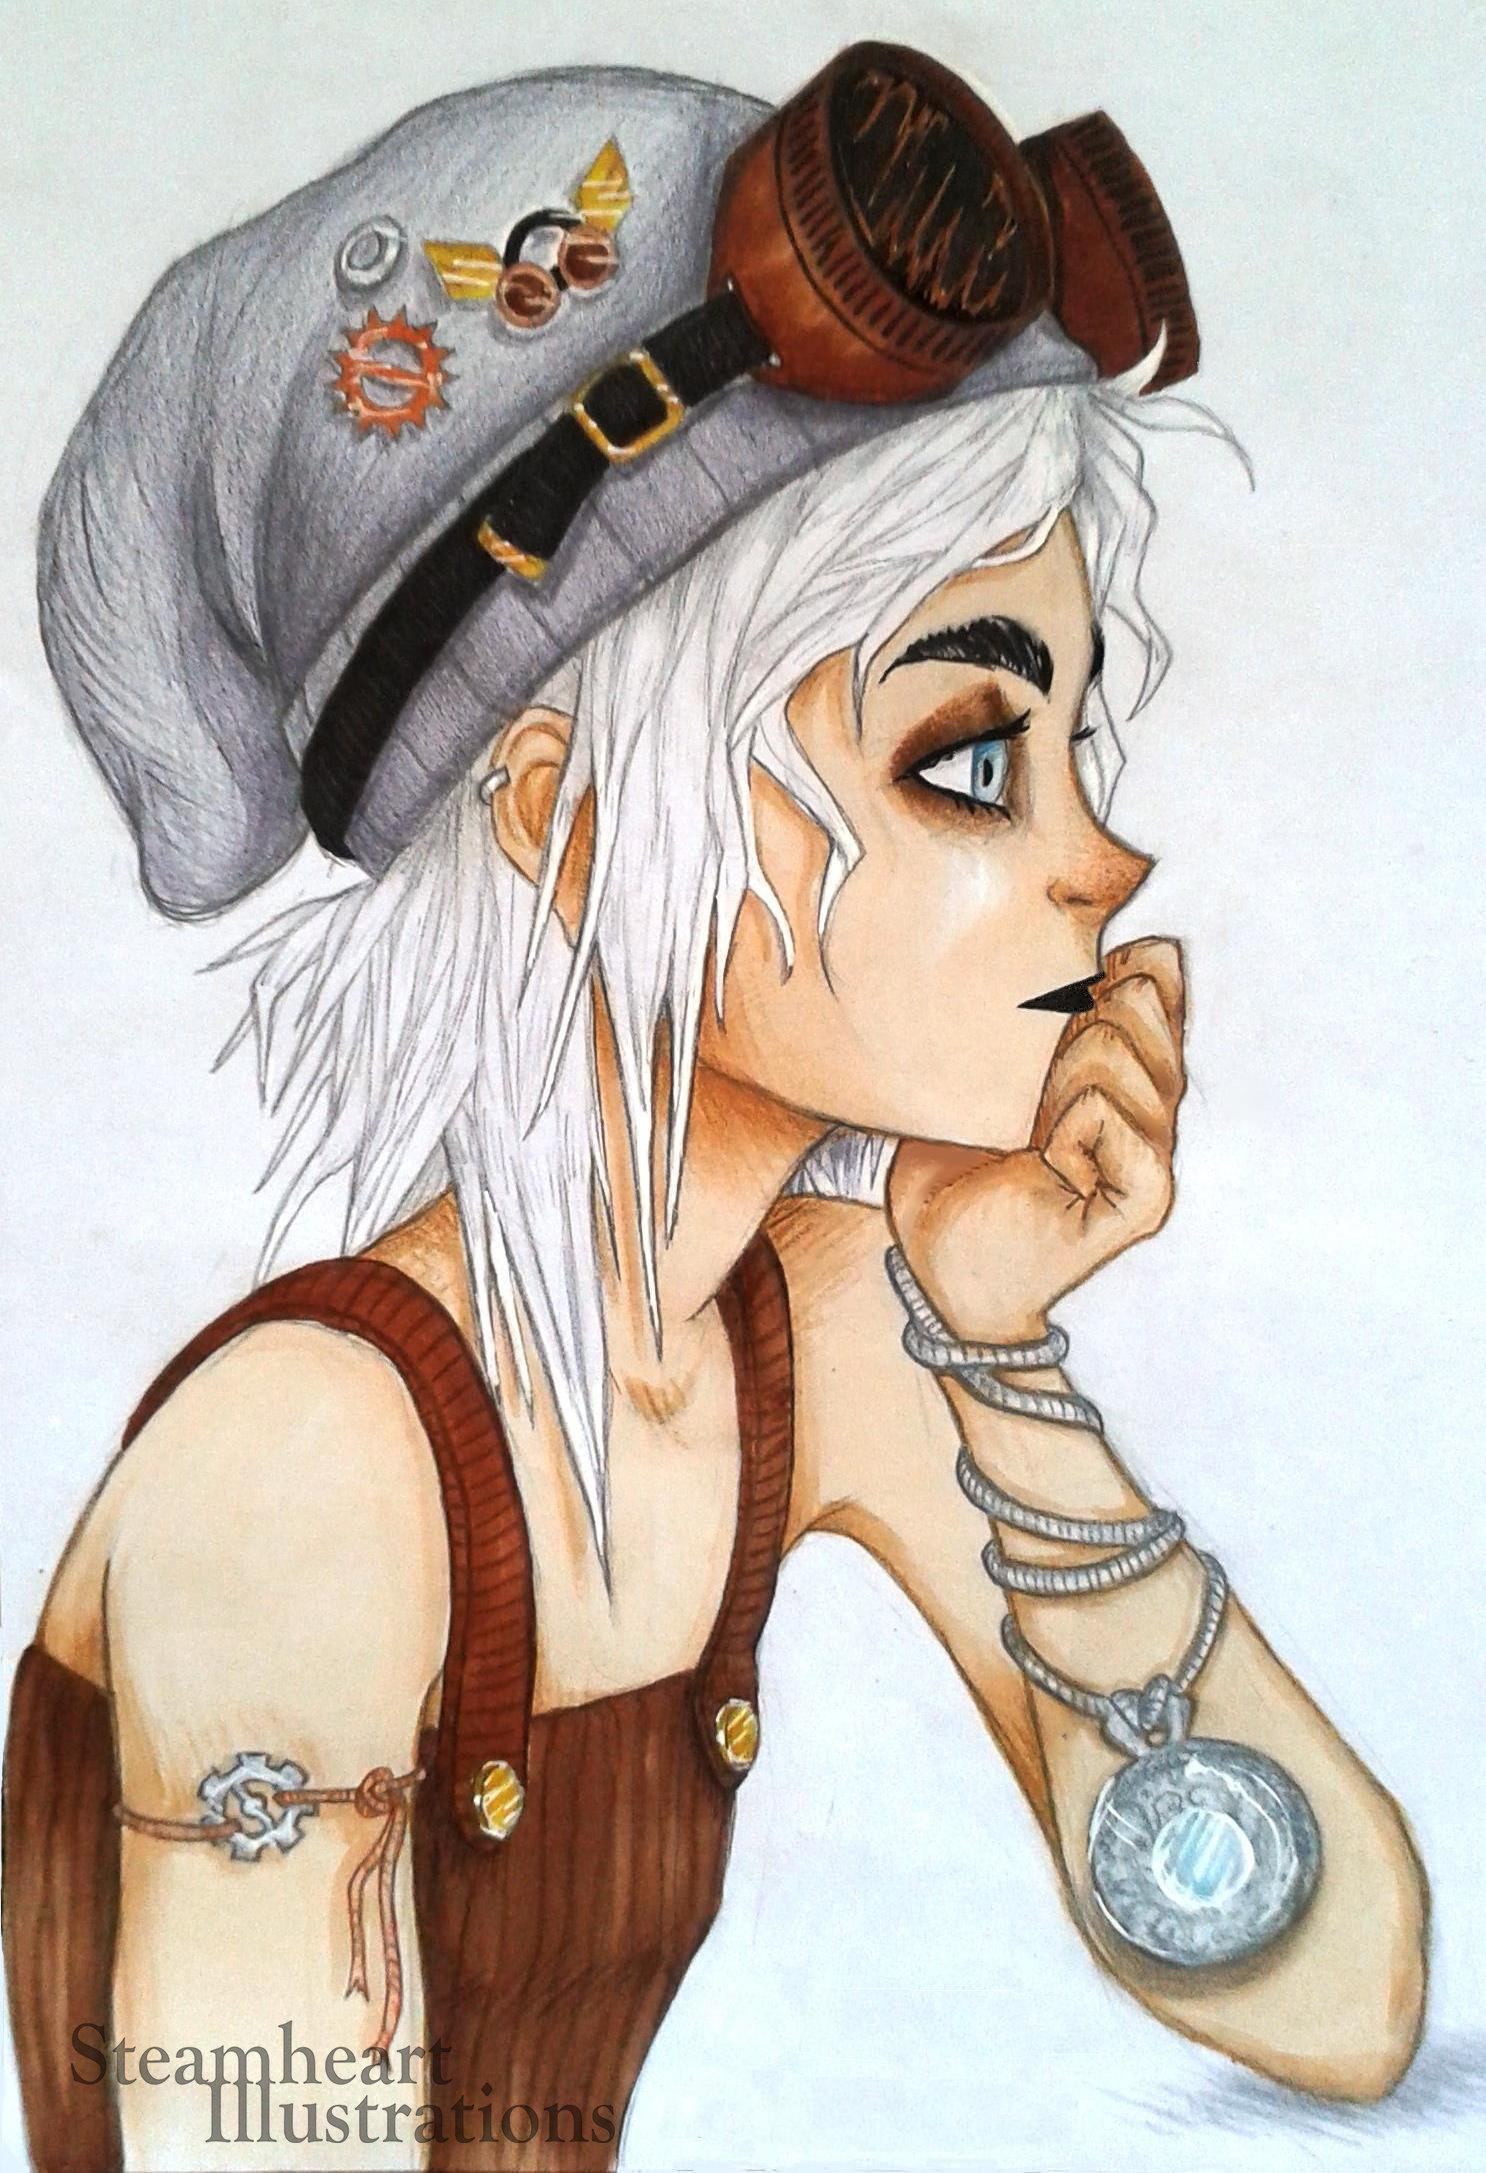 Abigale, disegno di Martina Gargiulo / Steamheart Illustrations